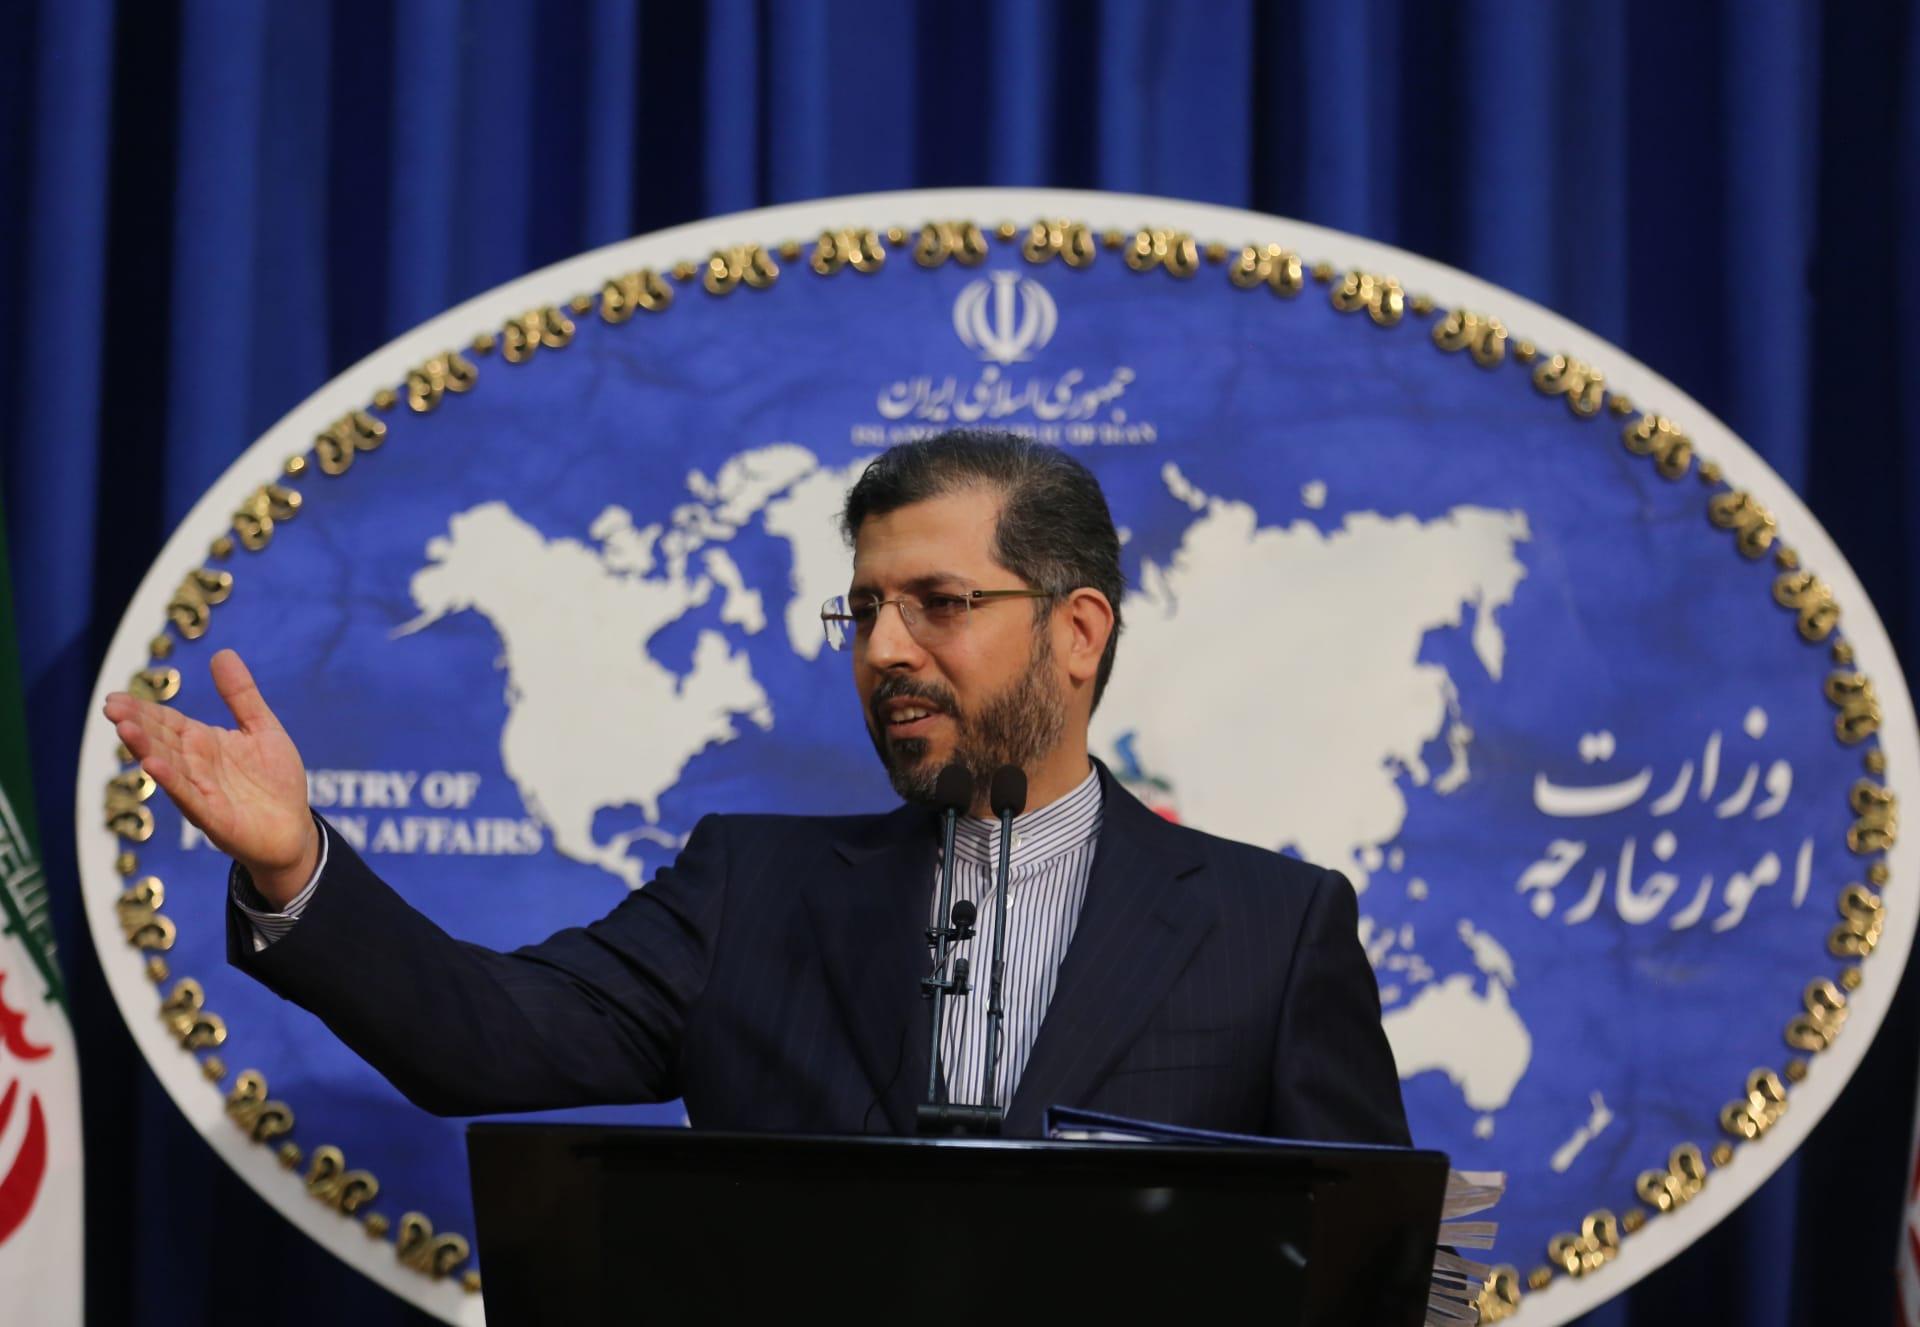 المتحدث باسم وزارة الخارجية الإيرانية سعيد خطيب زادة